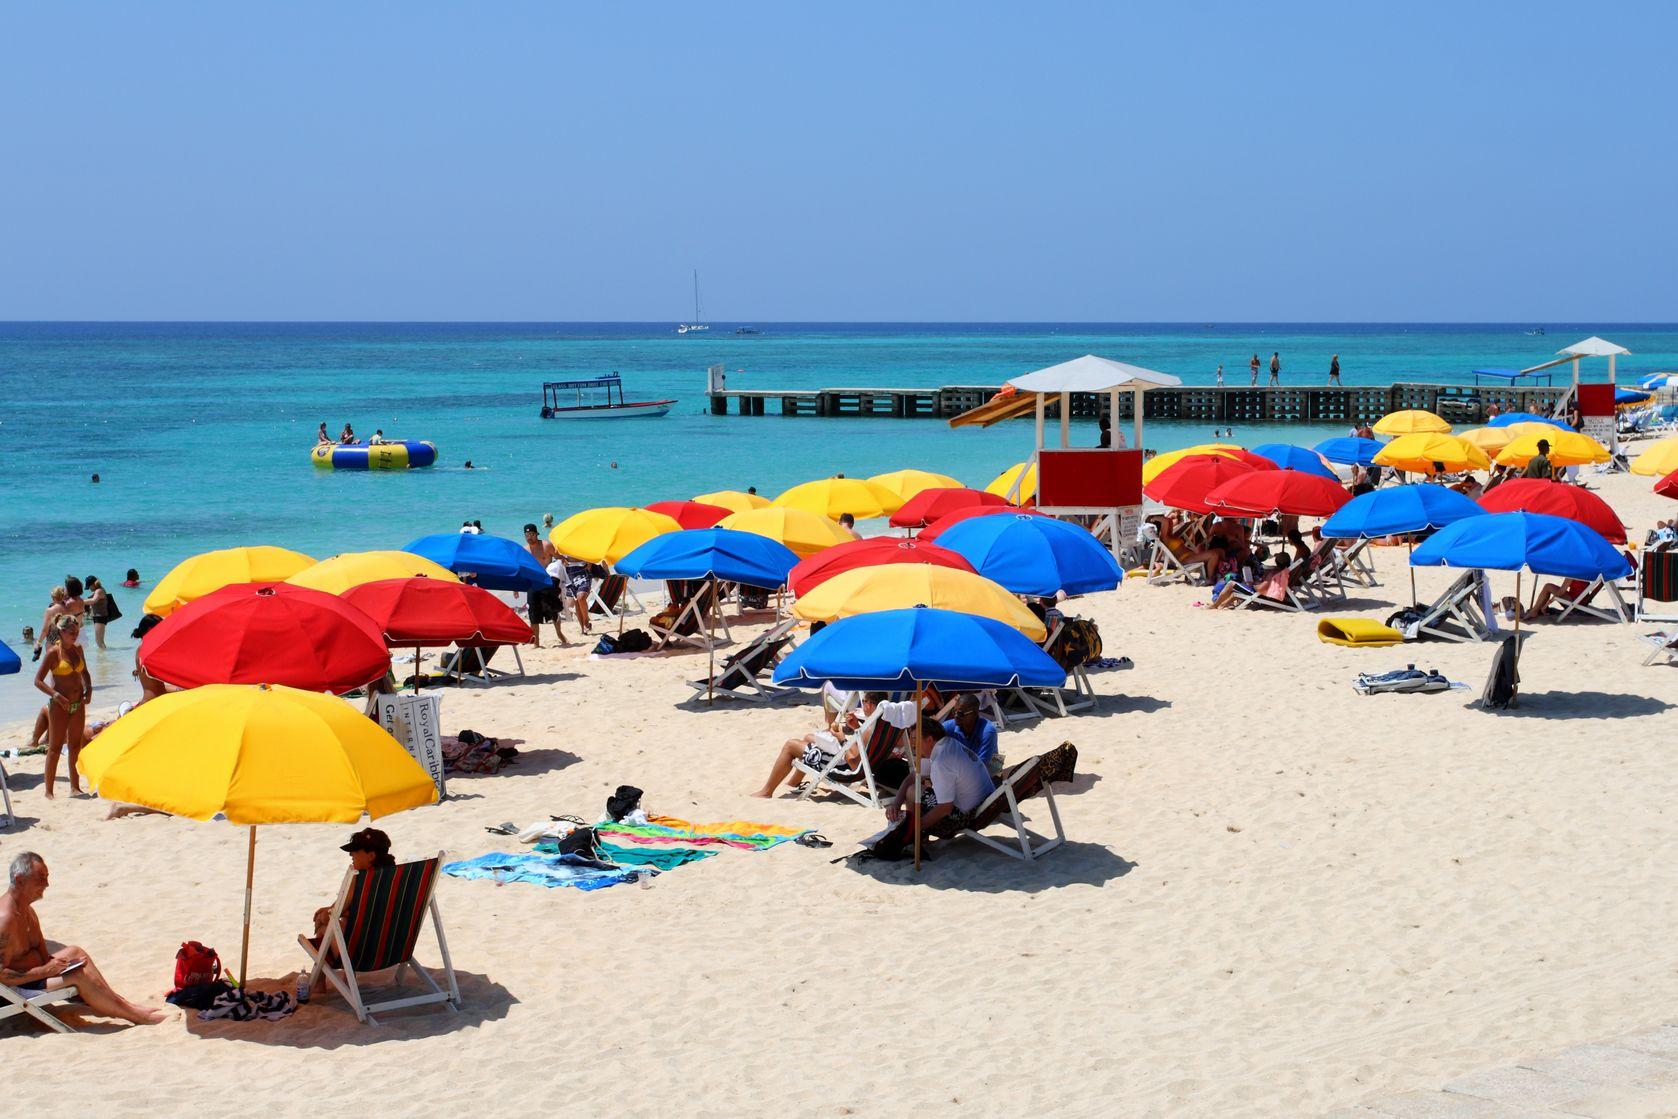 https://www.jamaica-reggae-music-vacation.com/Jamaican-Beaches.html